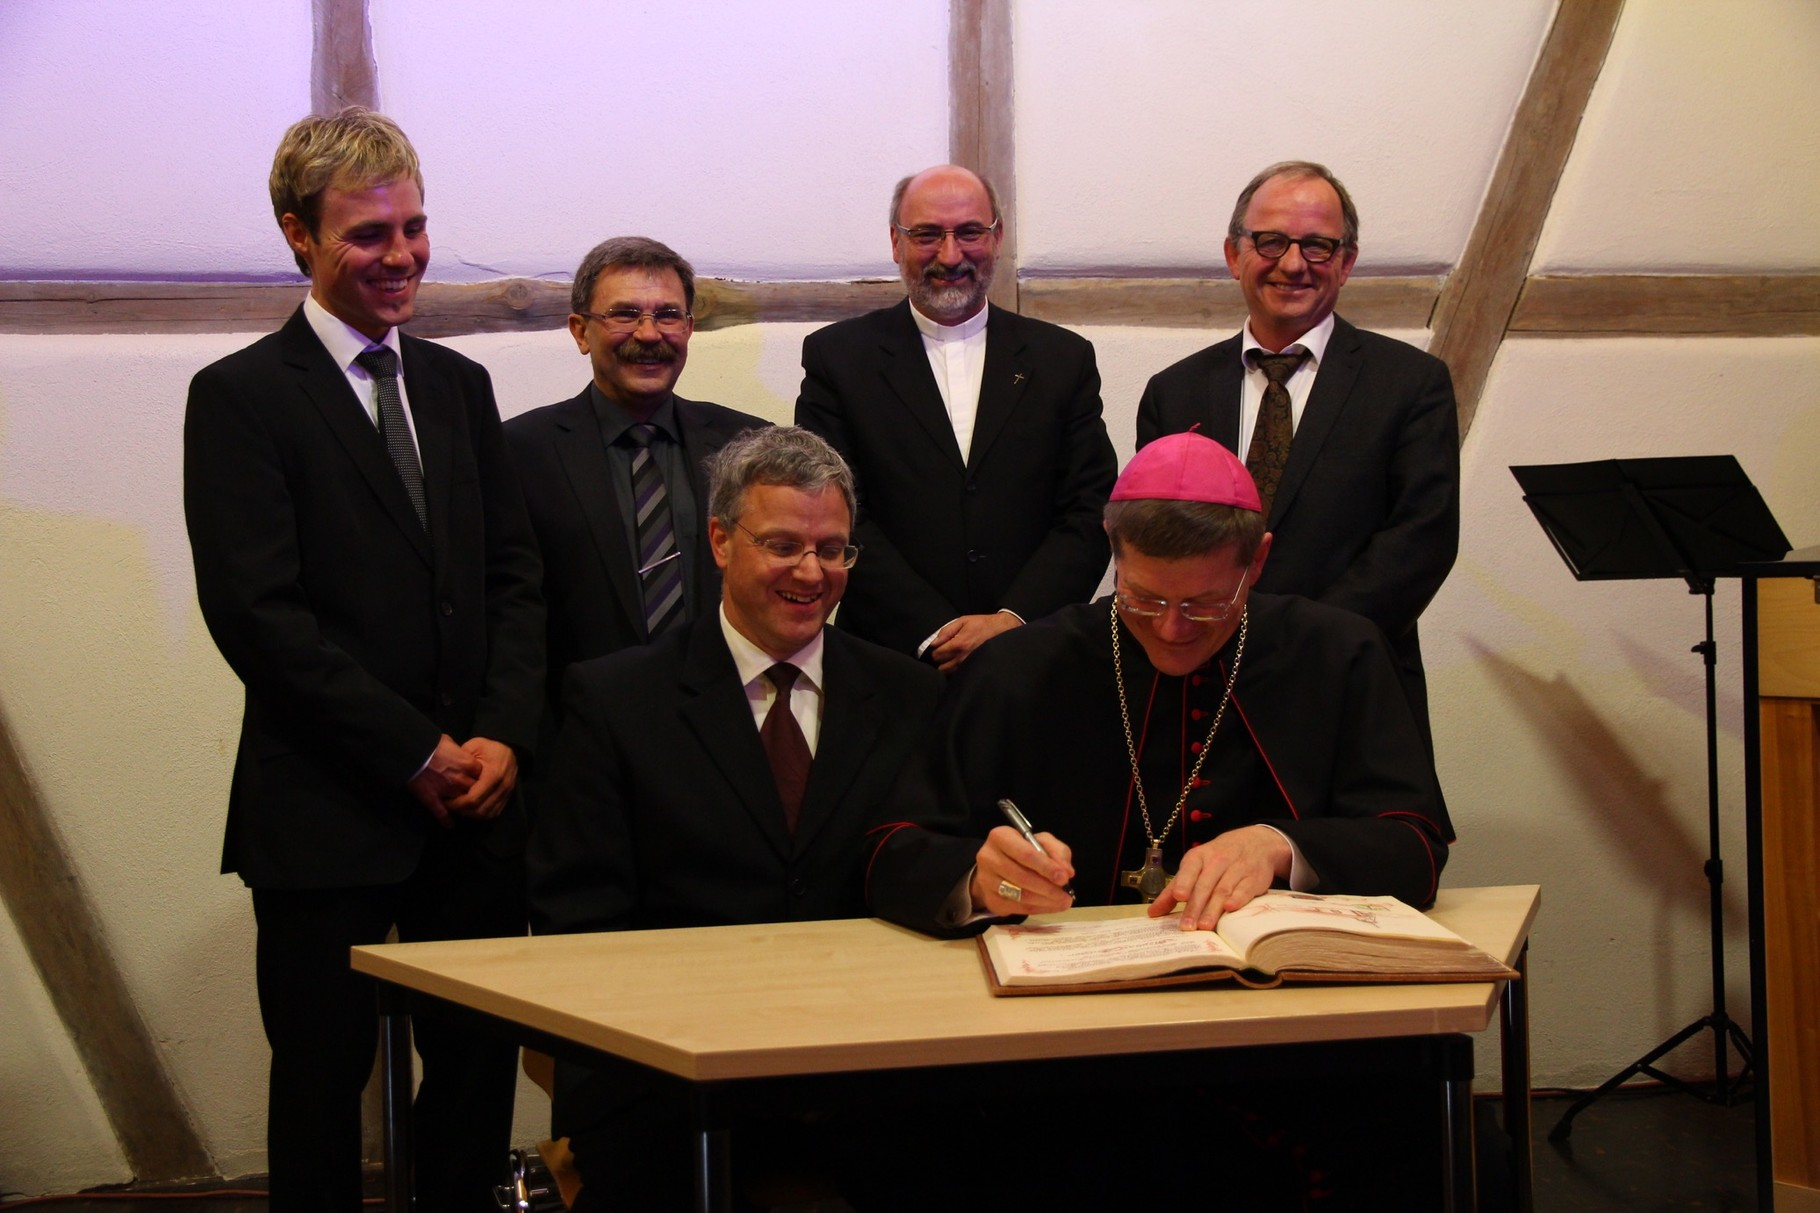 Eintrag von Erzbischof Stephan Burger in das Goldene Buch der Gemeinde Seckach (2)